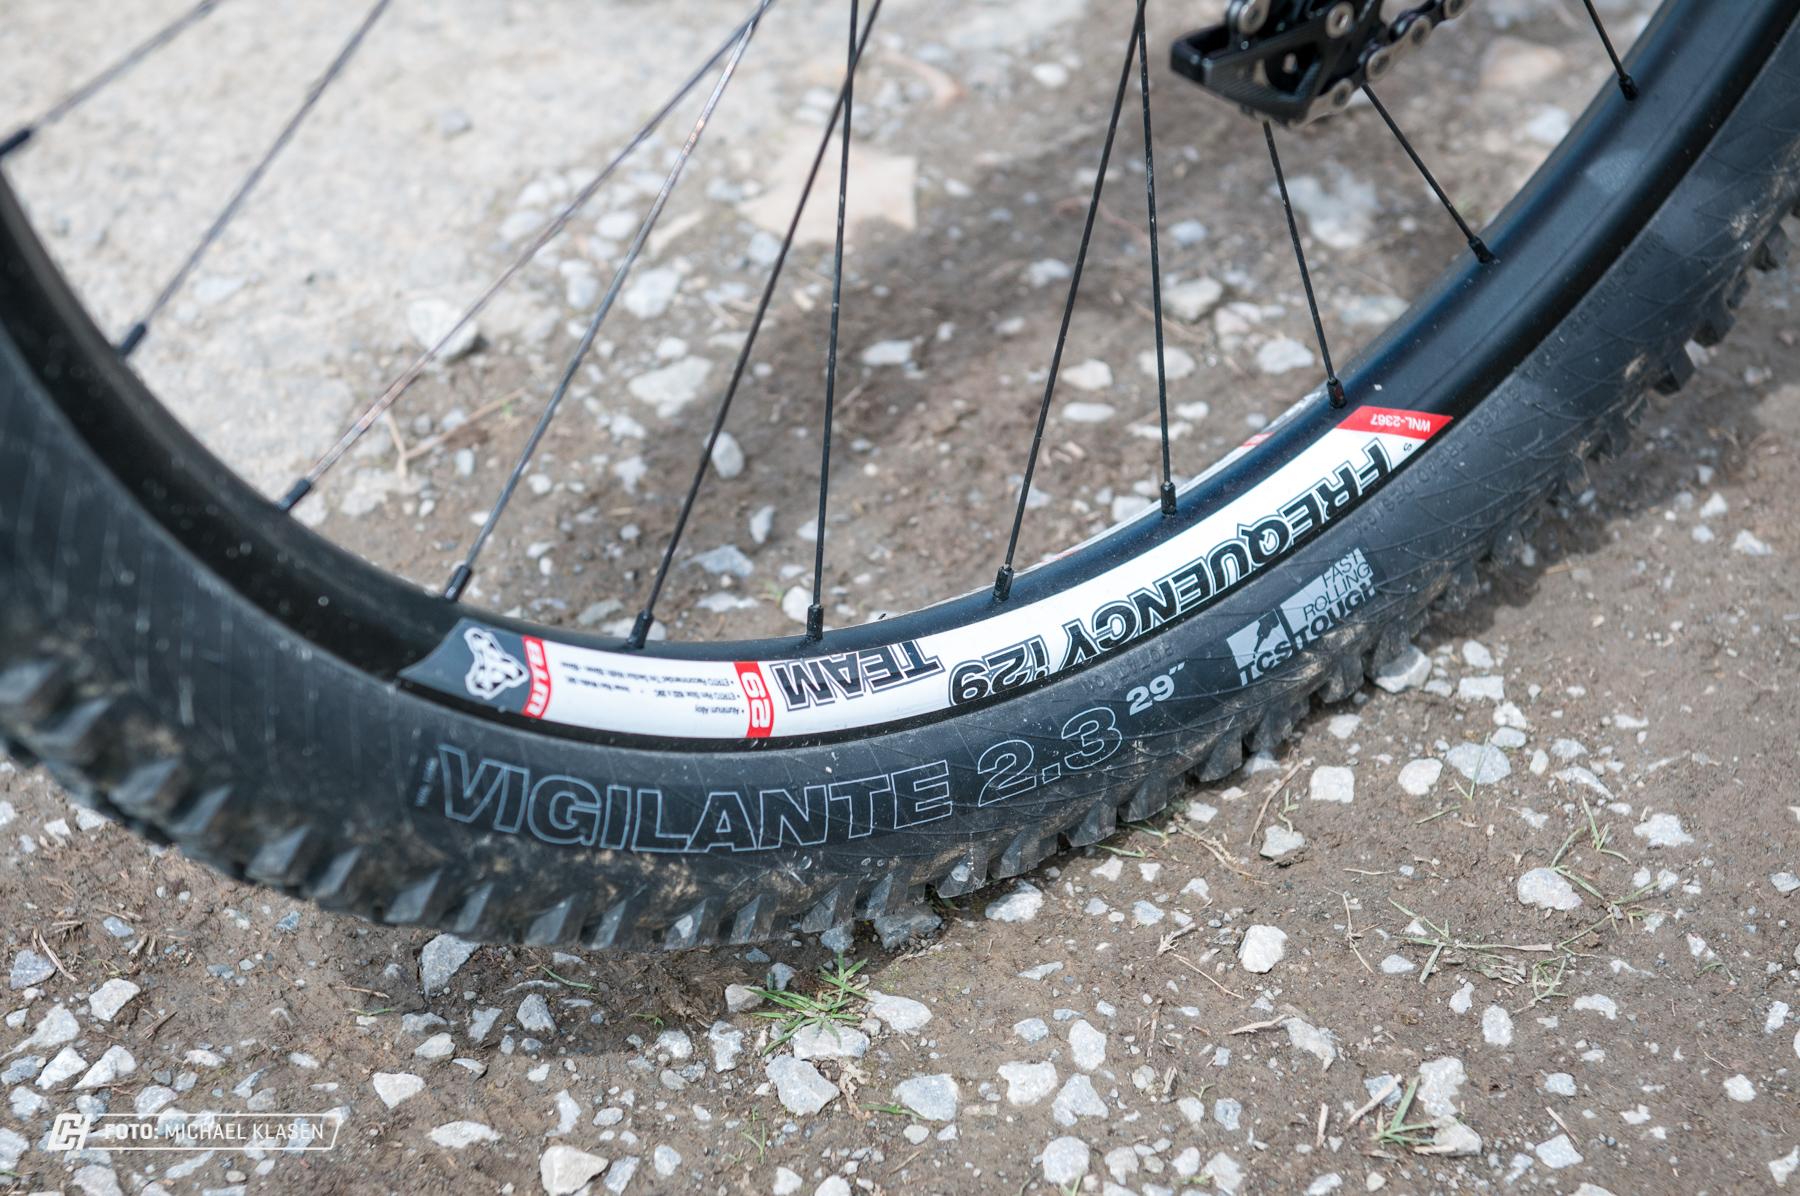 Hält, sind aber keine offiziellen DH Laufräder.